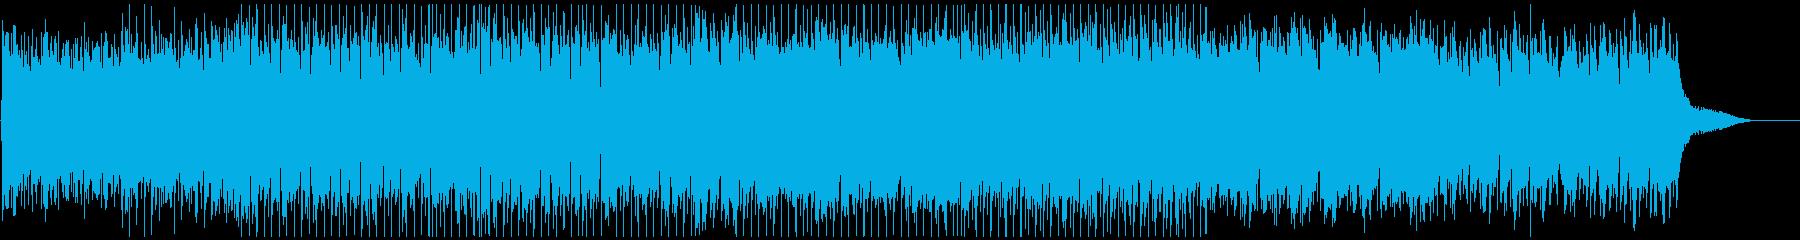 生演奏/将来への希望に溢れたポジティブ曲の再生済みの波形